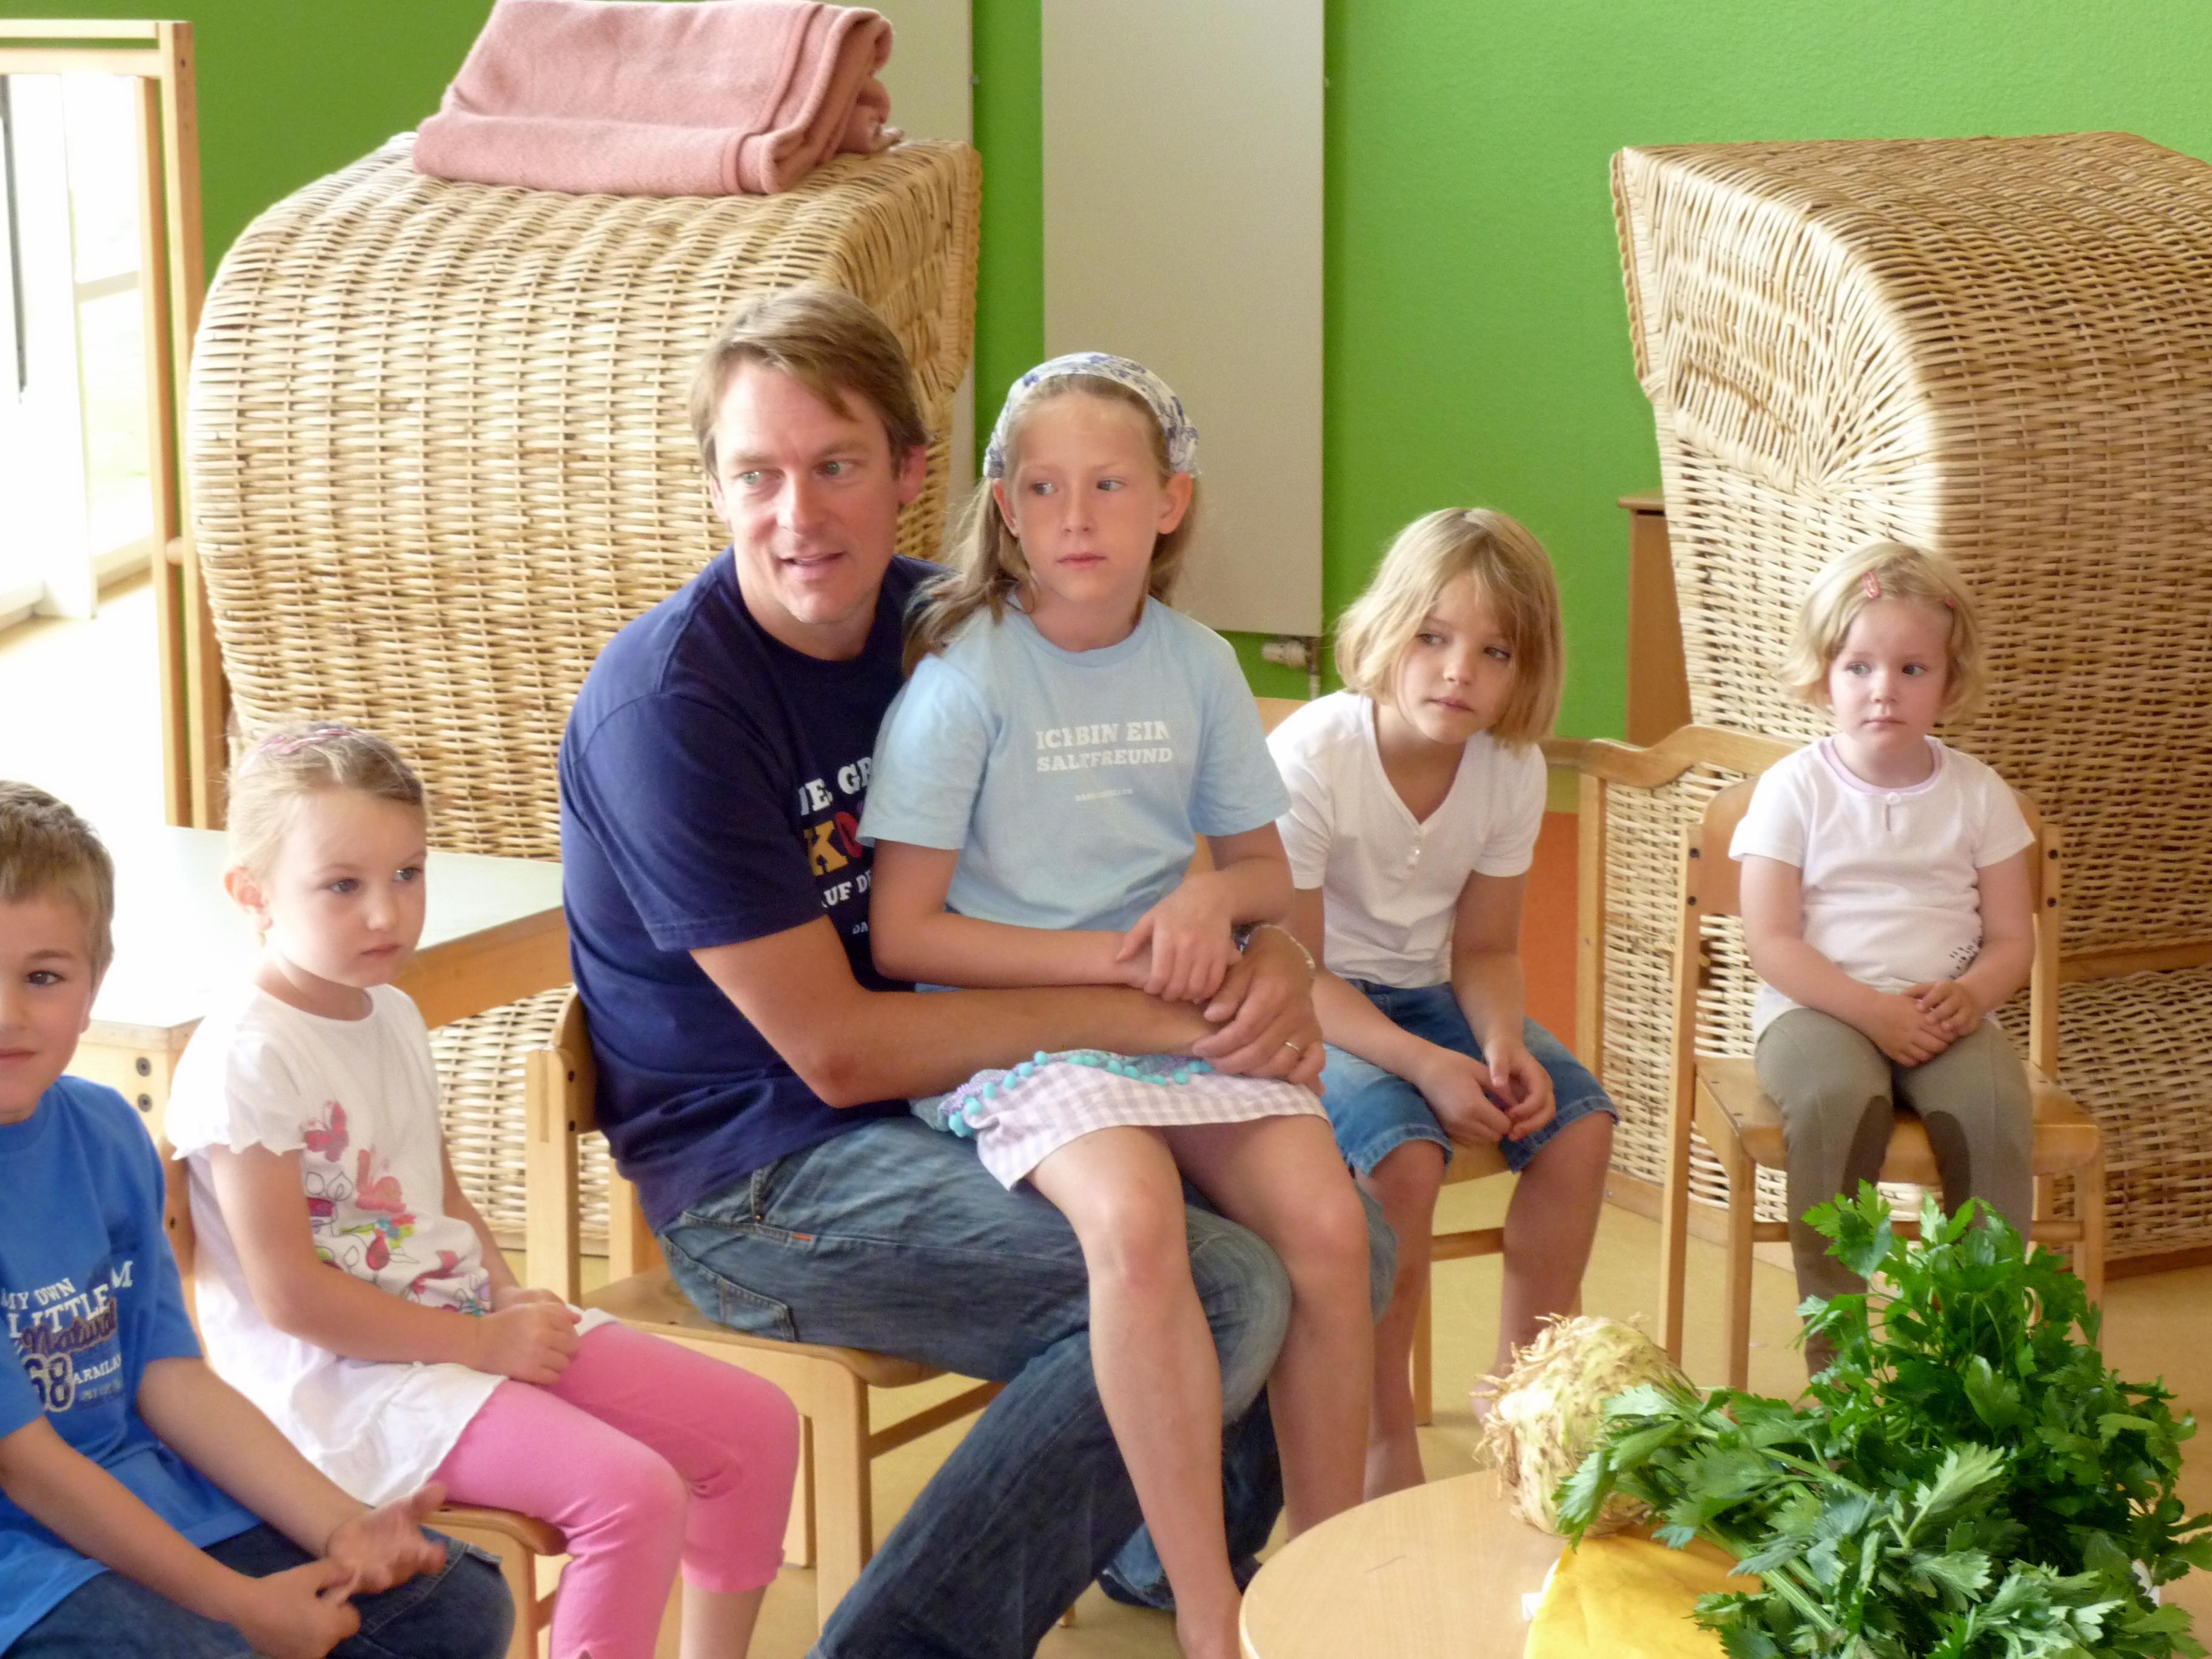 Norderney - Michael König kocht mit Kindern in der Kleinen Robbe